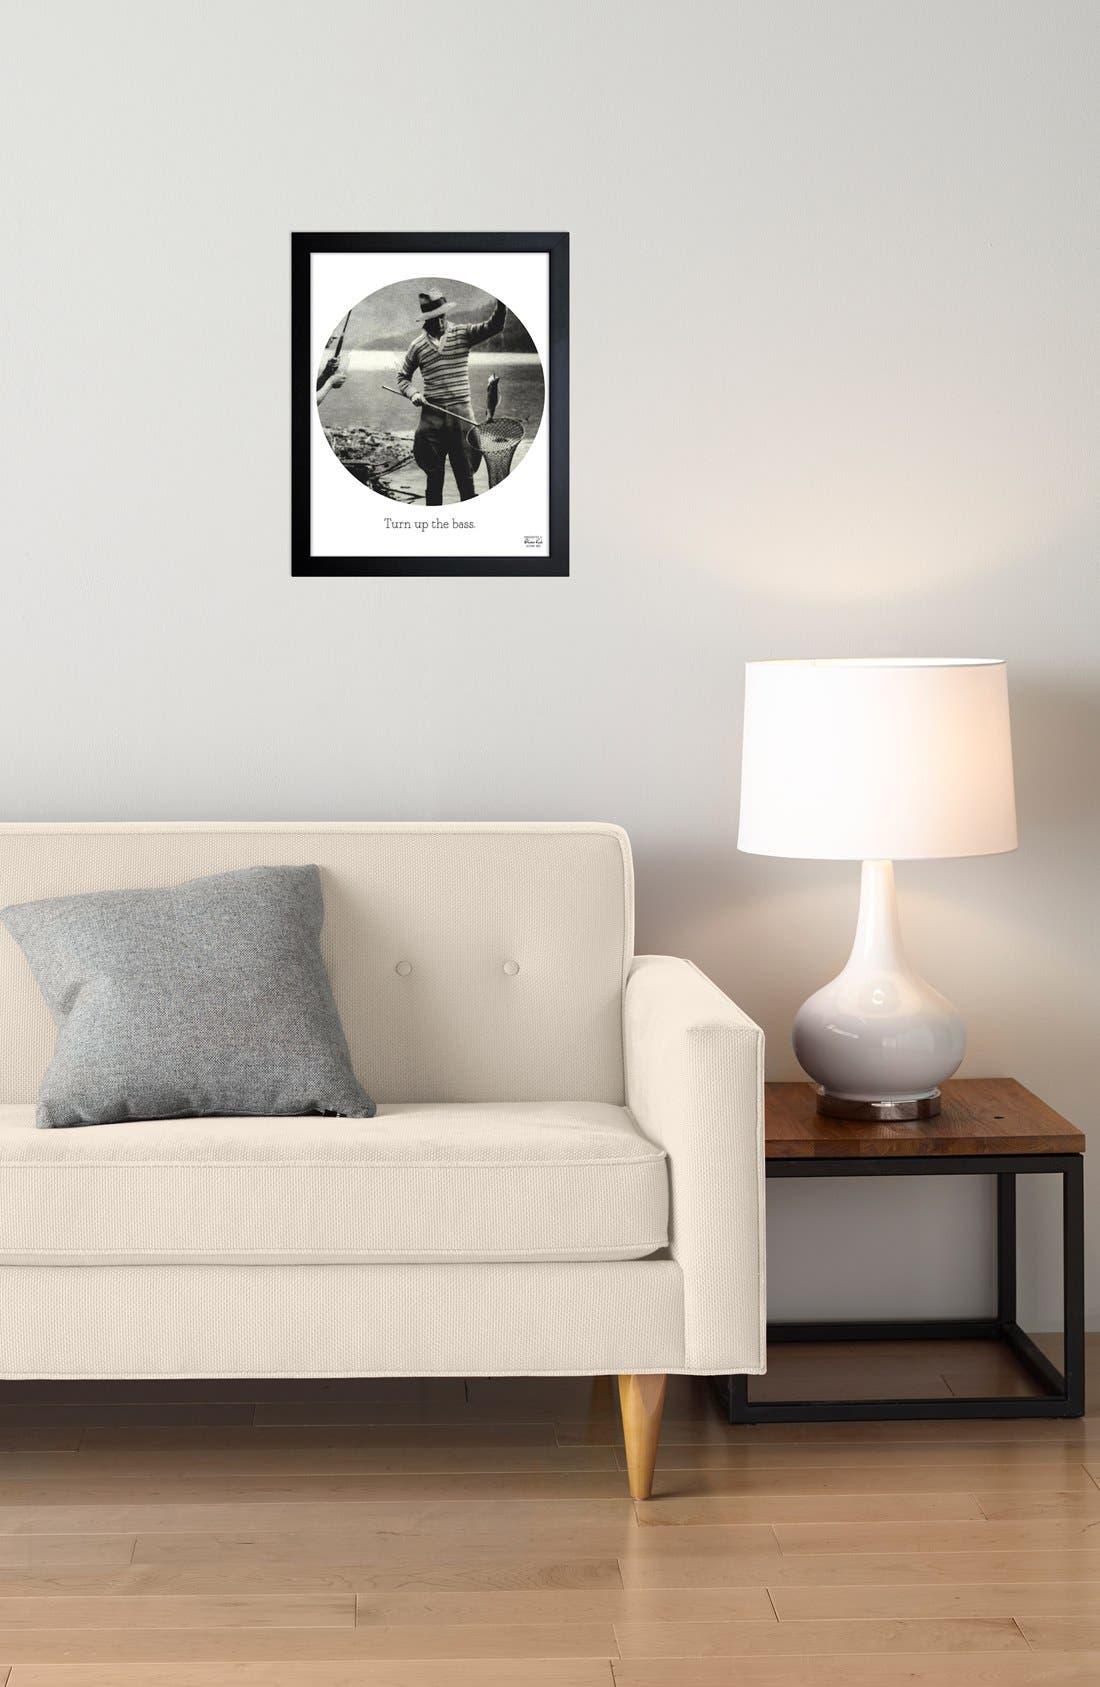 Alternate Image 2  - Oliver Gal 'Turn Up the Bass' Framed Print